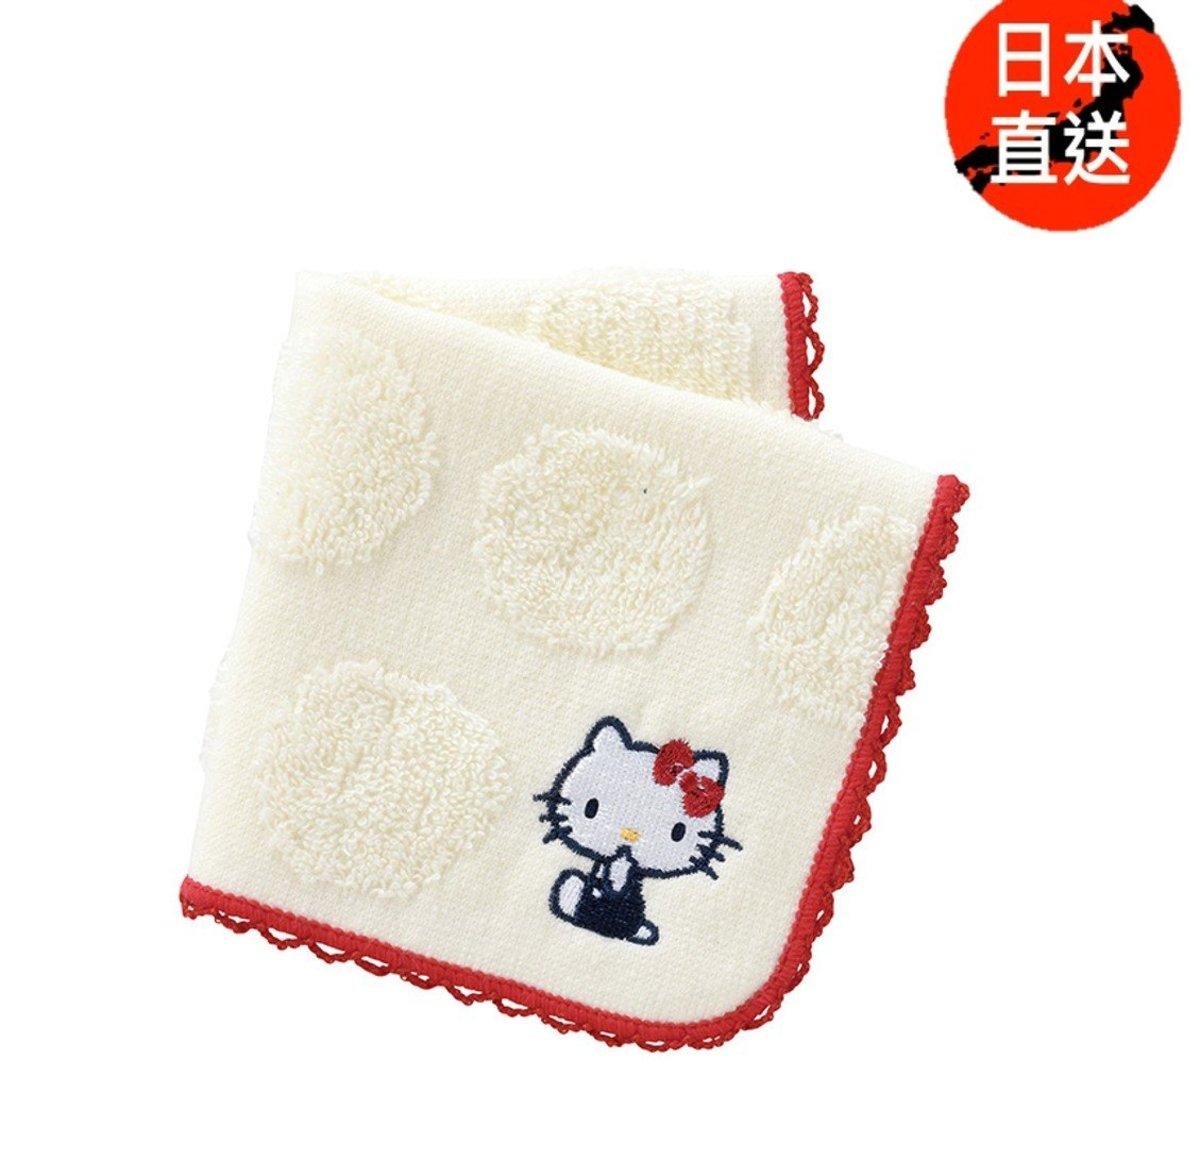 臉巾(日本直送)